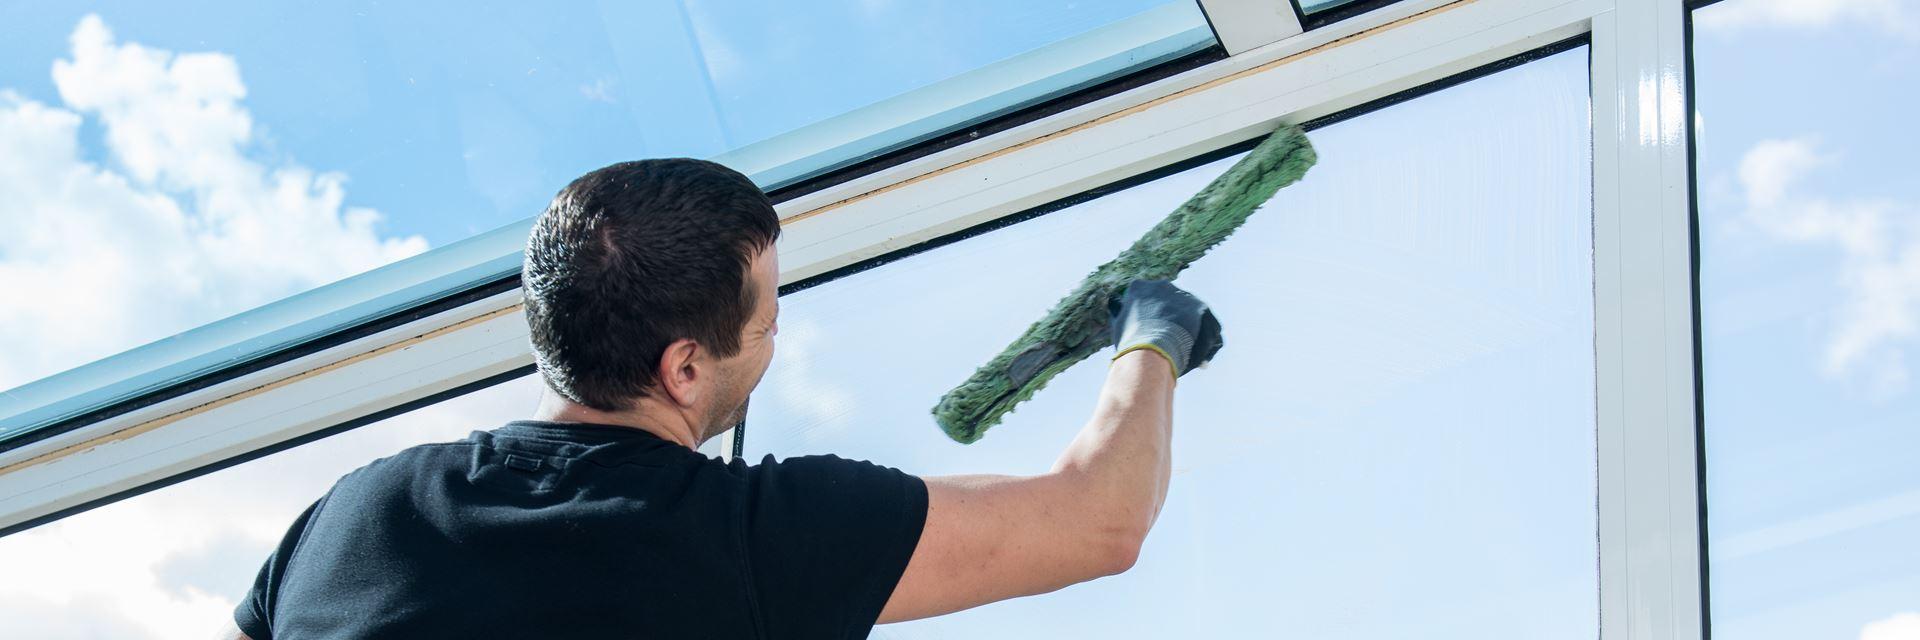 Mitarbeiter bei der Fensterreinigung